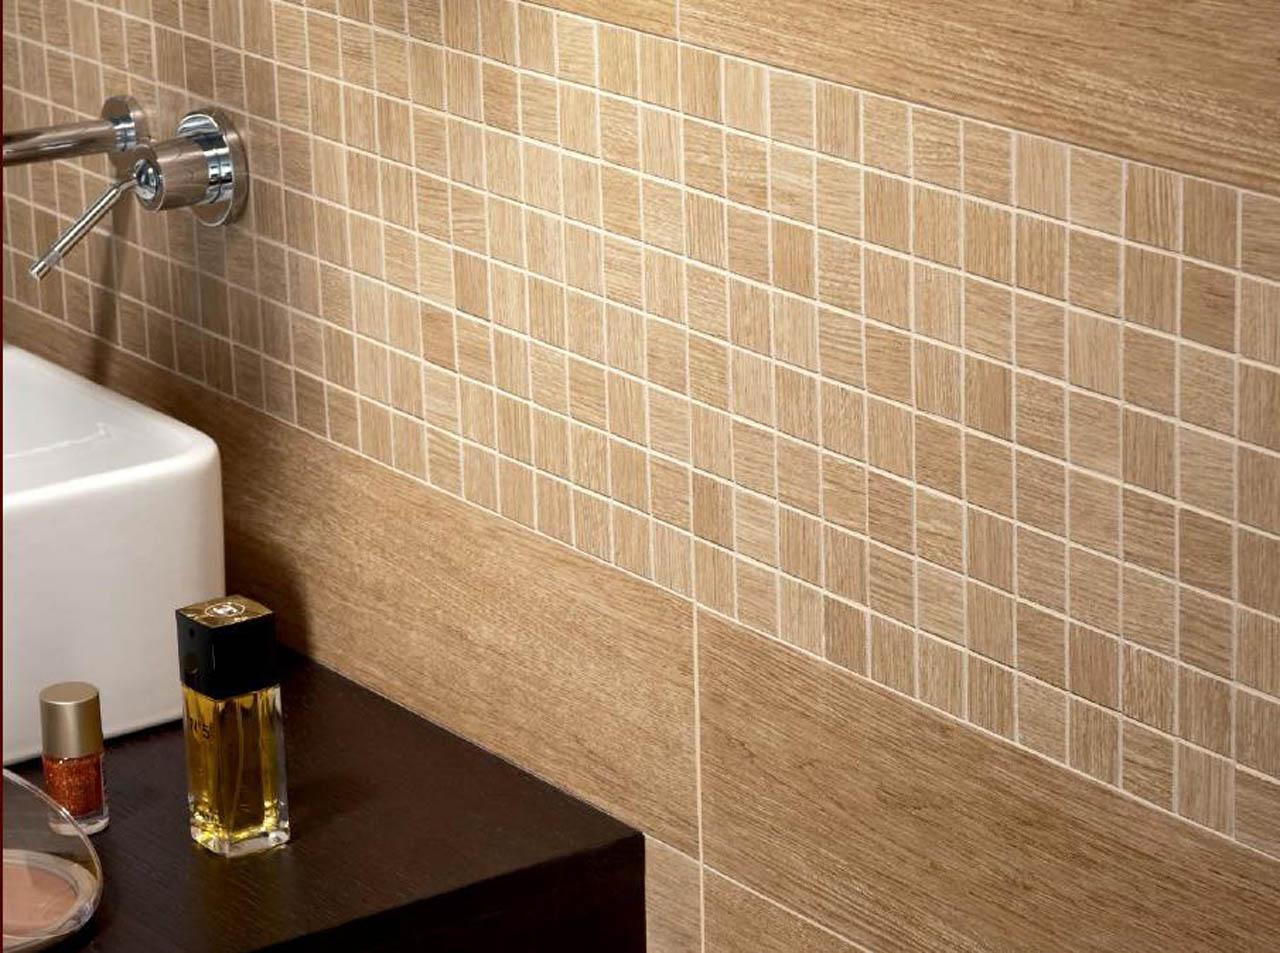 Pavimento effetto legno bagno kj94 regardsdefemmes - Bagno finto legno ...